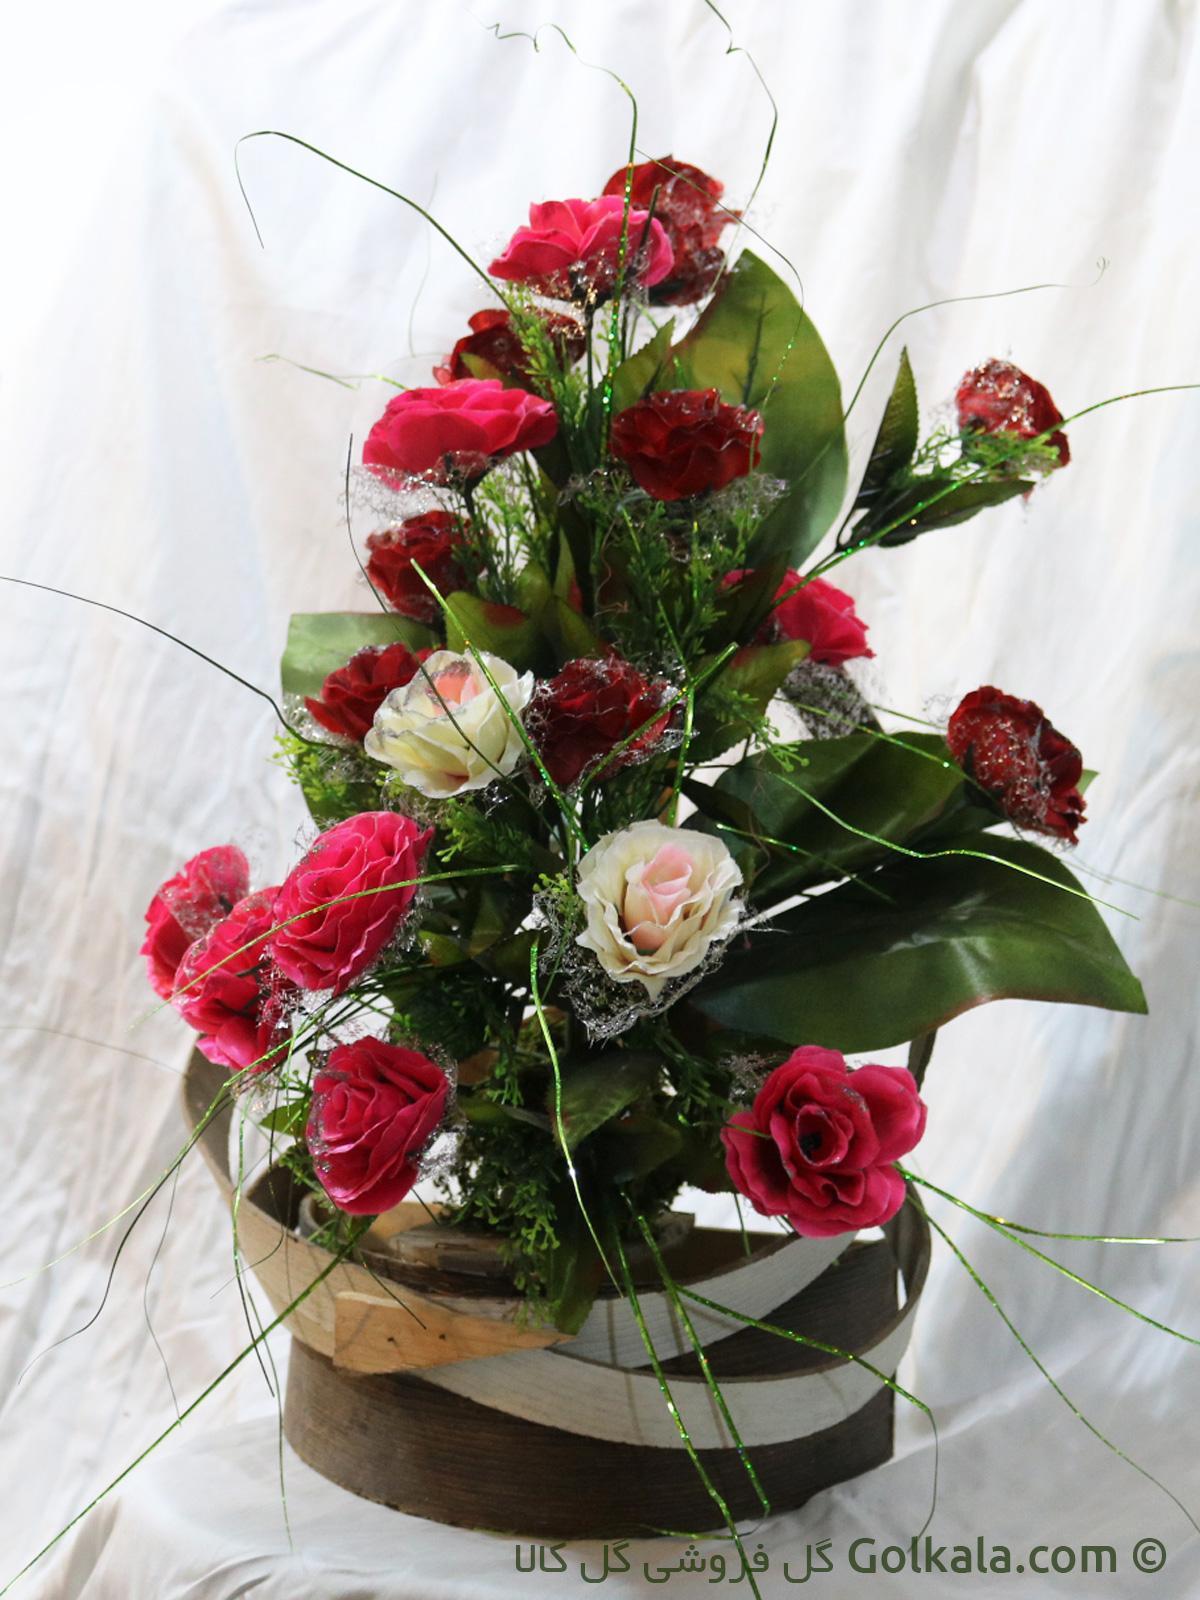 سبد گل - سبد گل رز فانتزی - گل کالا